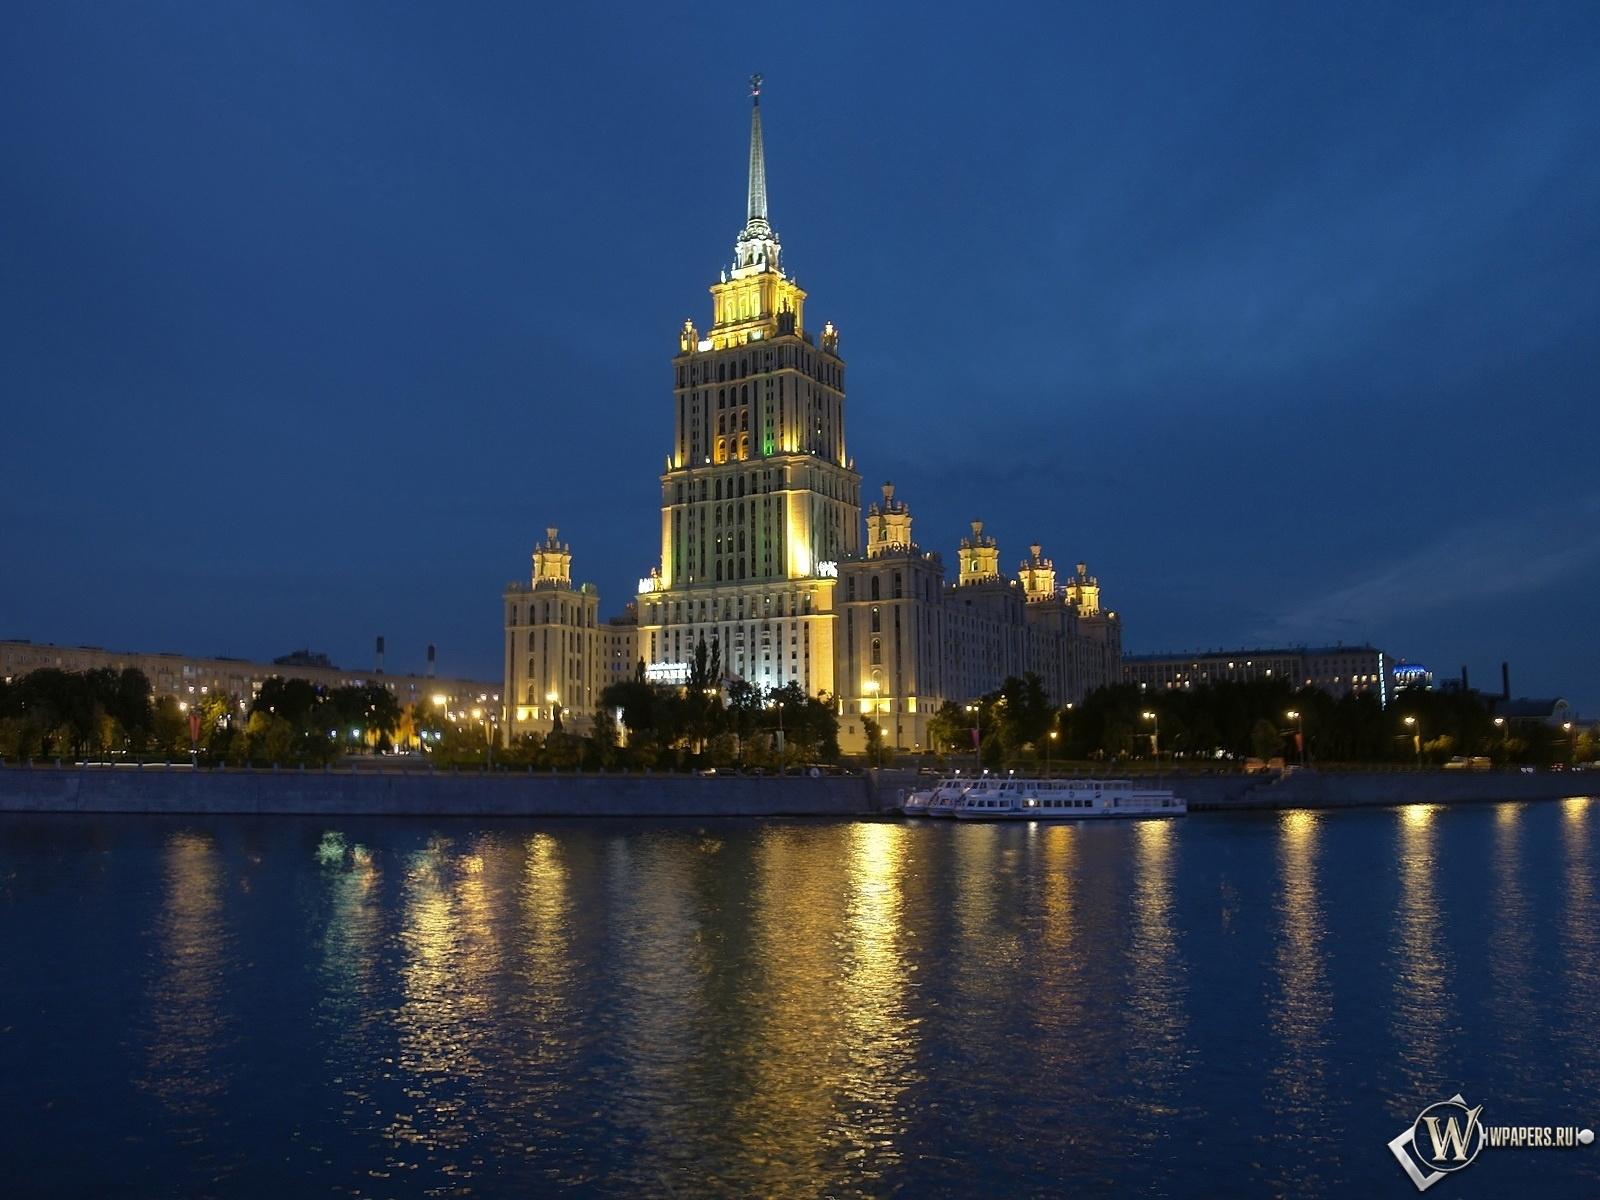 Гостиница Украина Москва 1600x1200